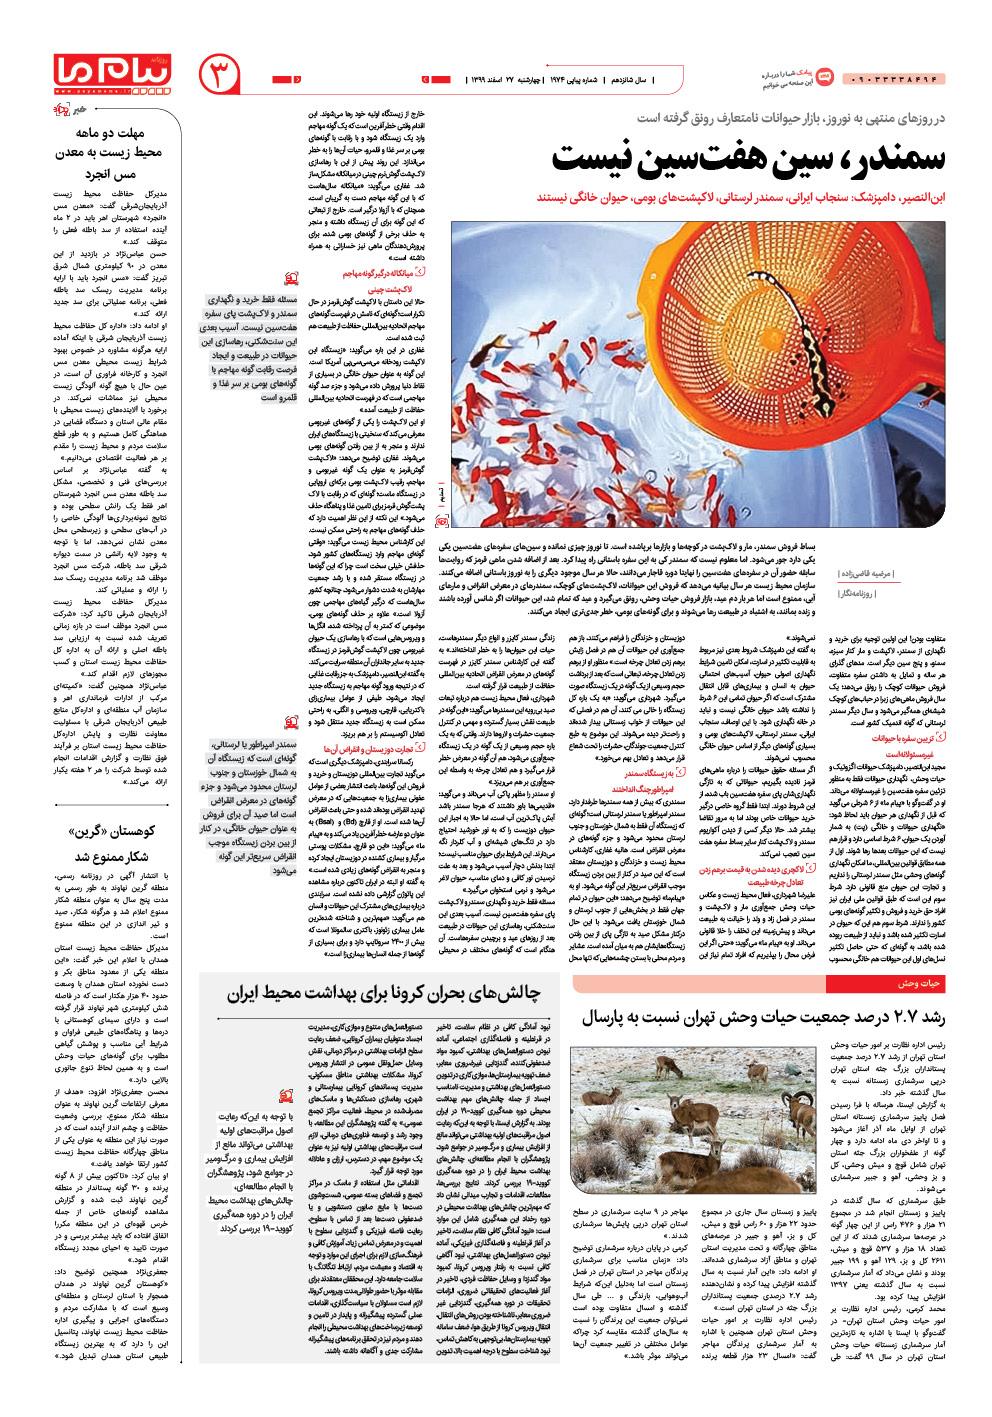 صفحه اقلیم شماره ۱۹۷۴ روزنامه پیام ما